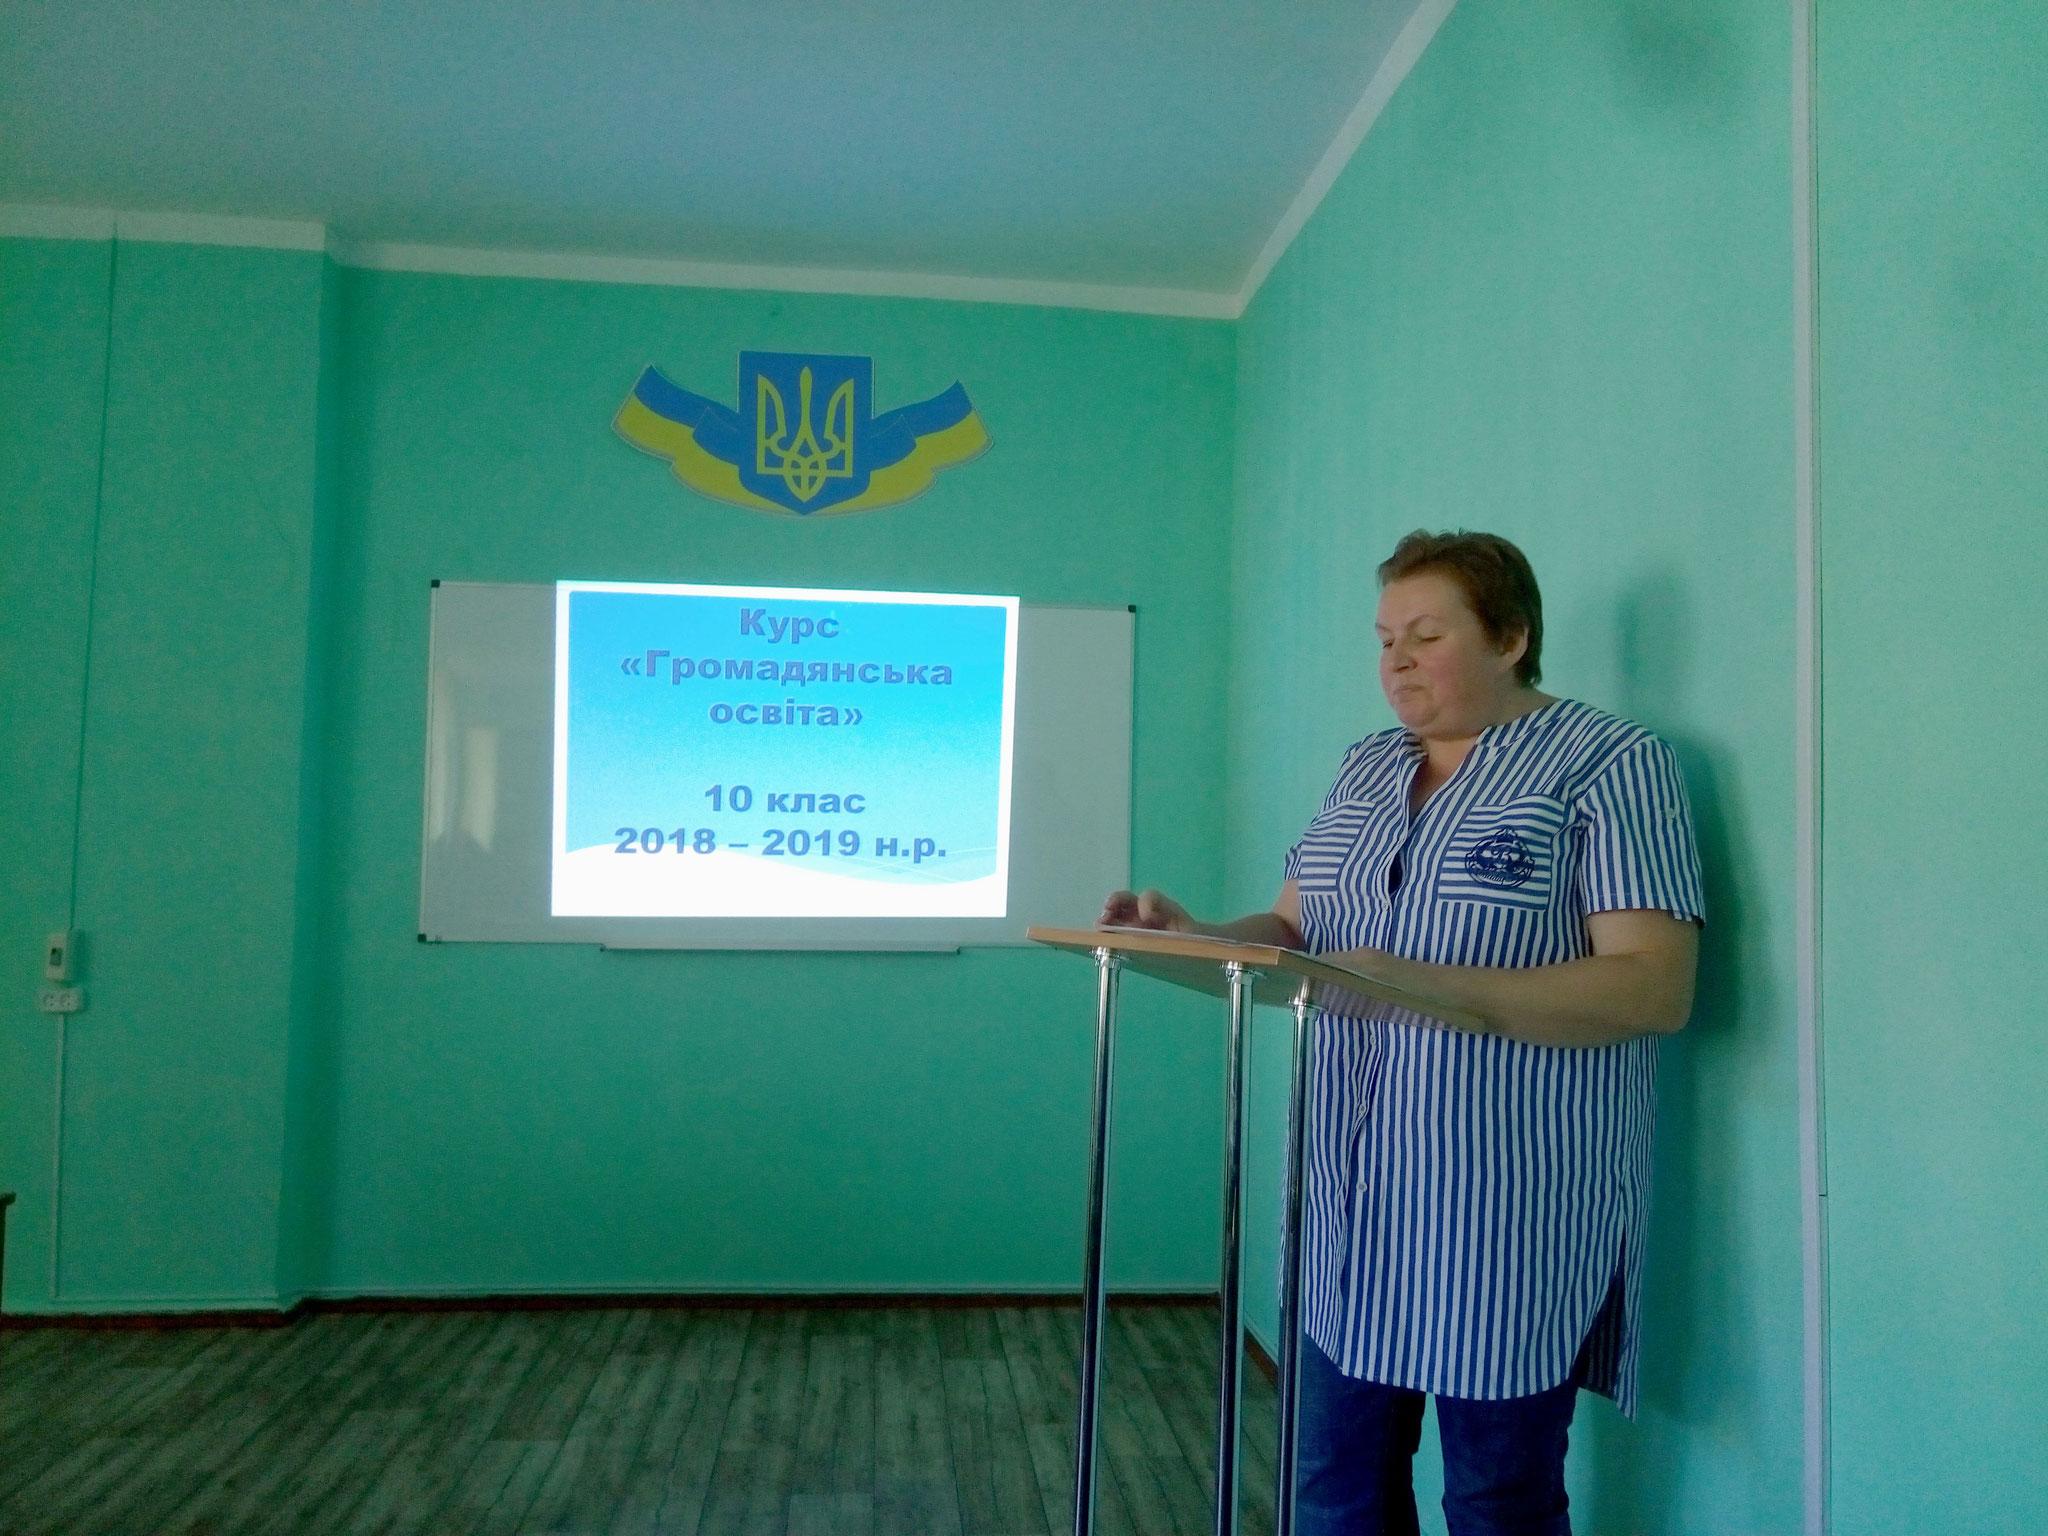 """Червяченко І.В. про запровадження нового курсу """"Громадянська освіта"""""""